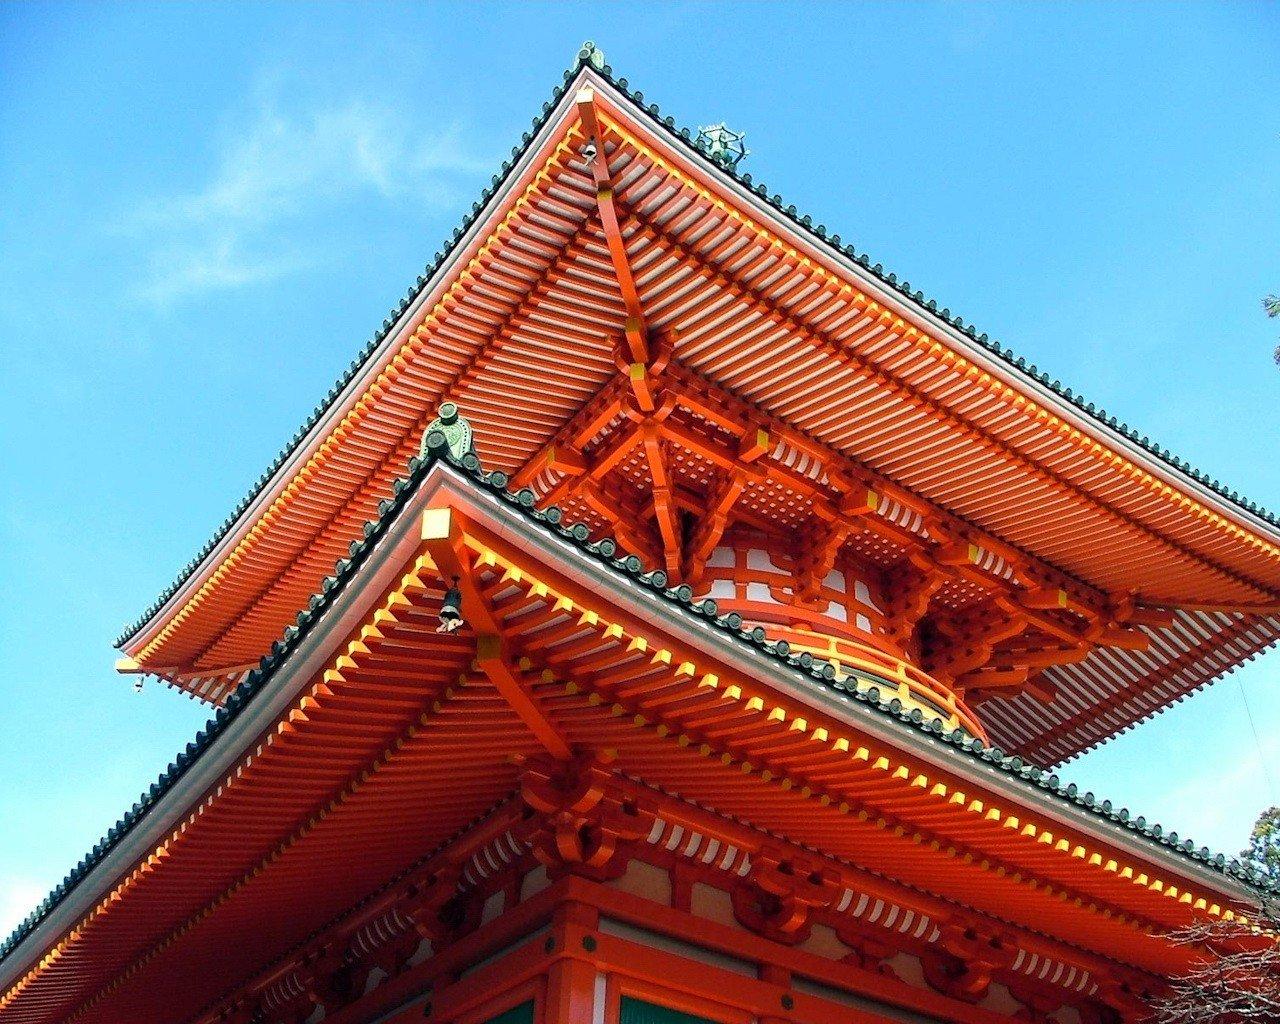 японские крыши фото ехал освещённому